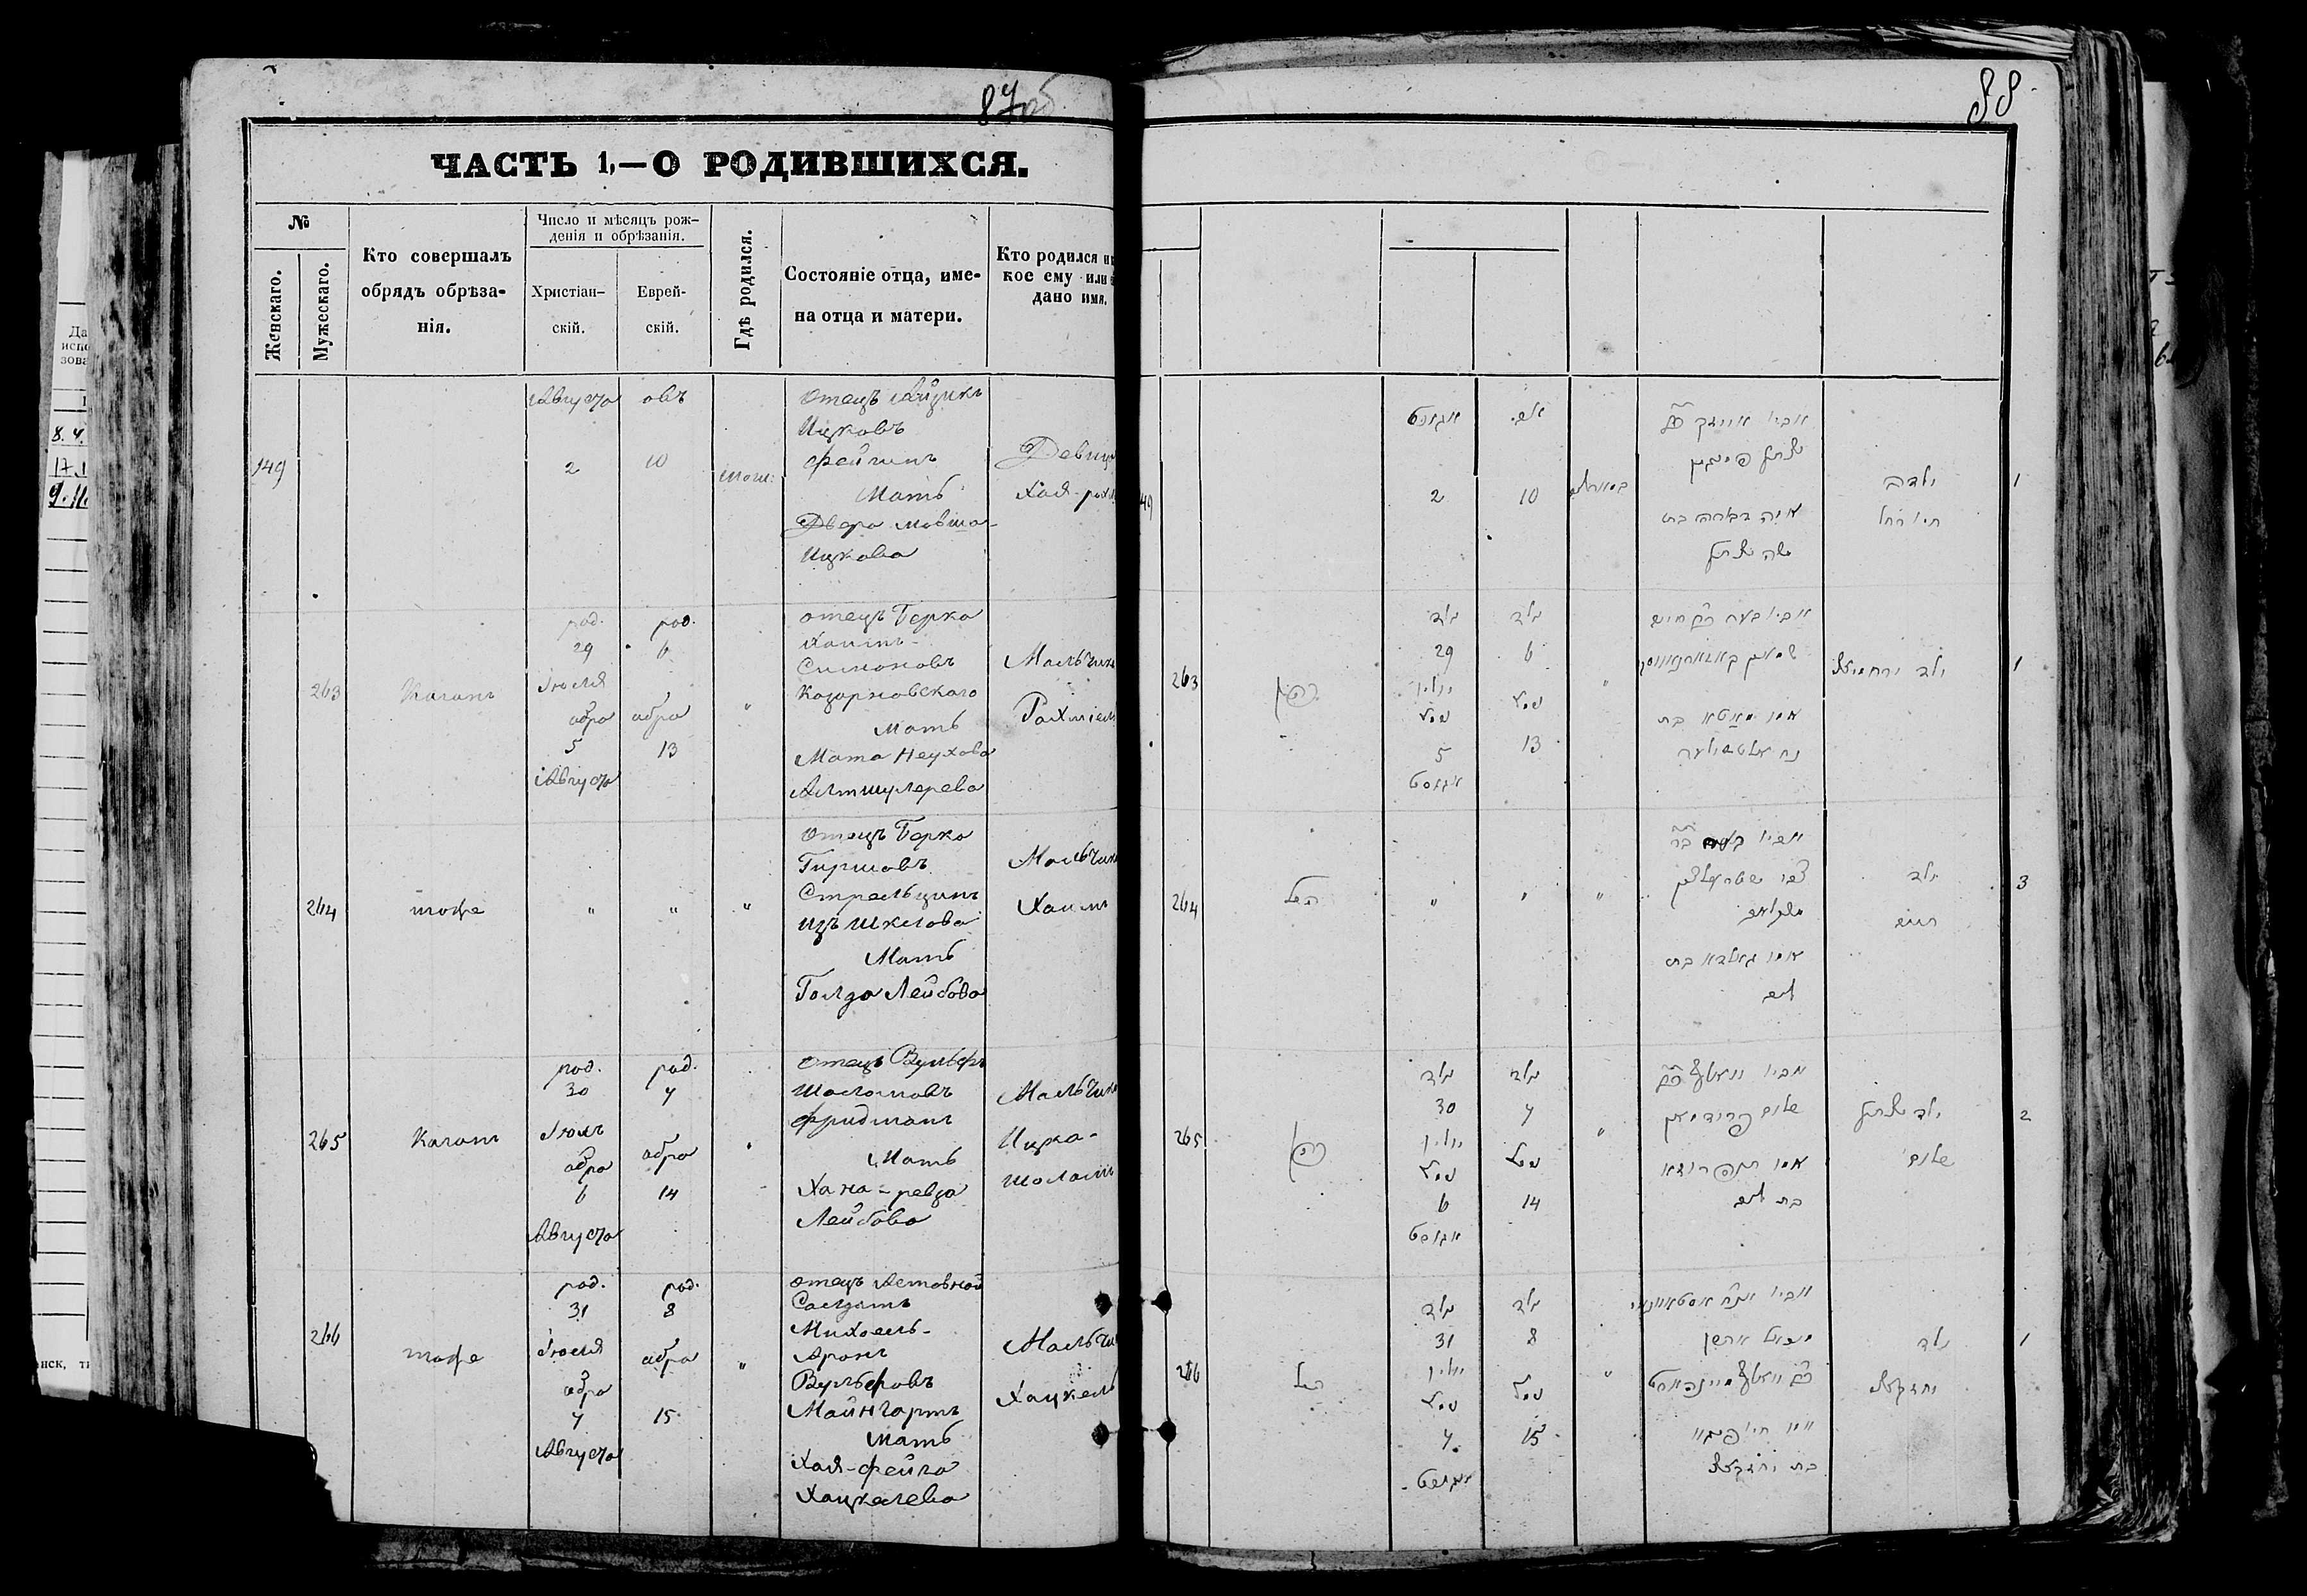 Хаим Боркович Стрельцын 29 июля 1872, запись 264, пленка 007766480, снимок 814